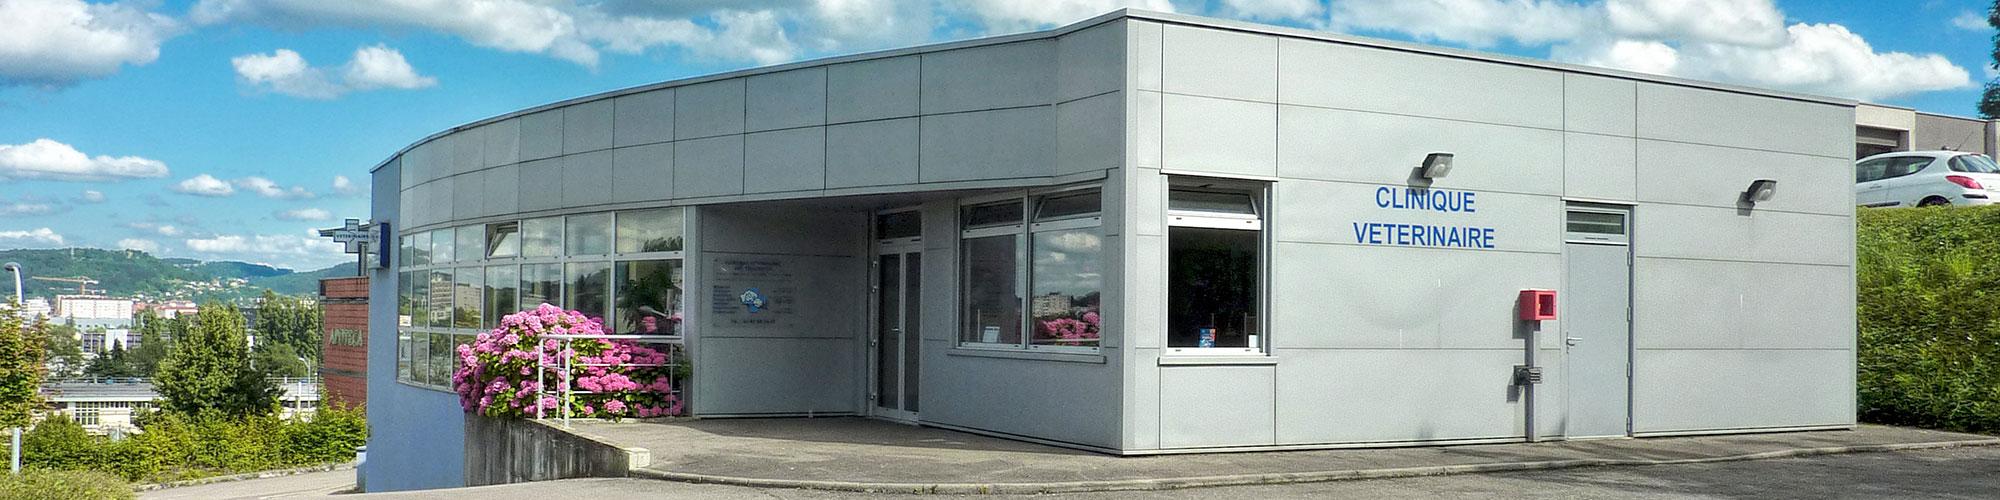 Batiment de la clinique vétérinaire des Tilleroyes à Besançon